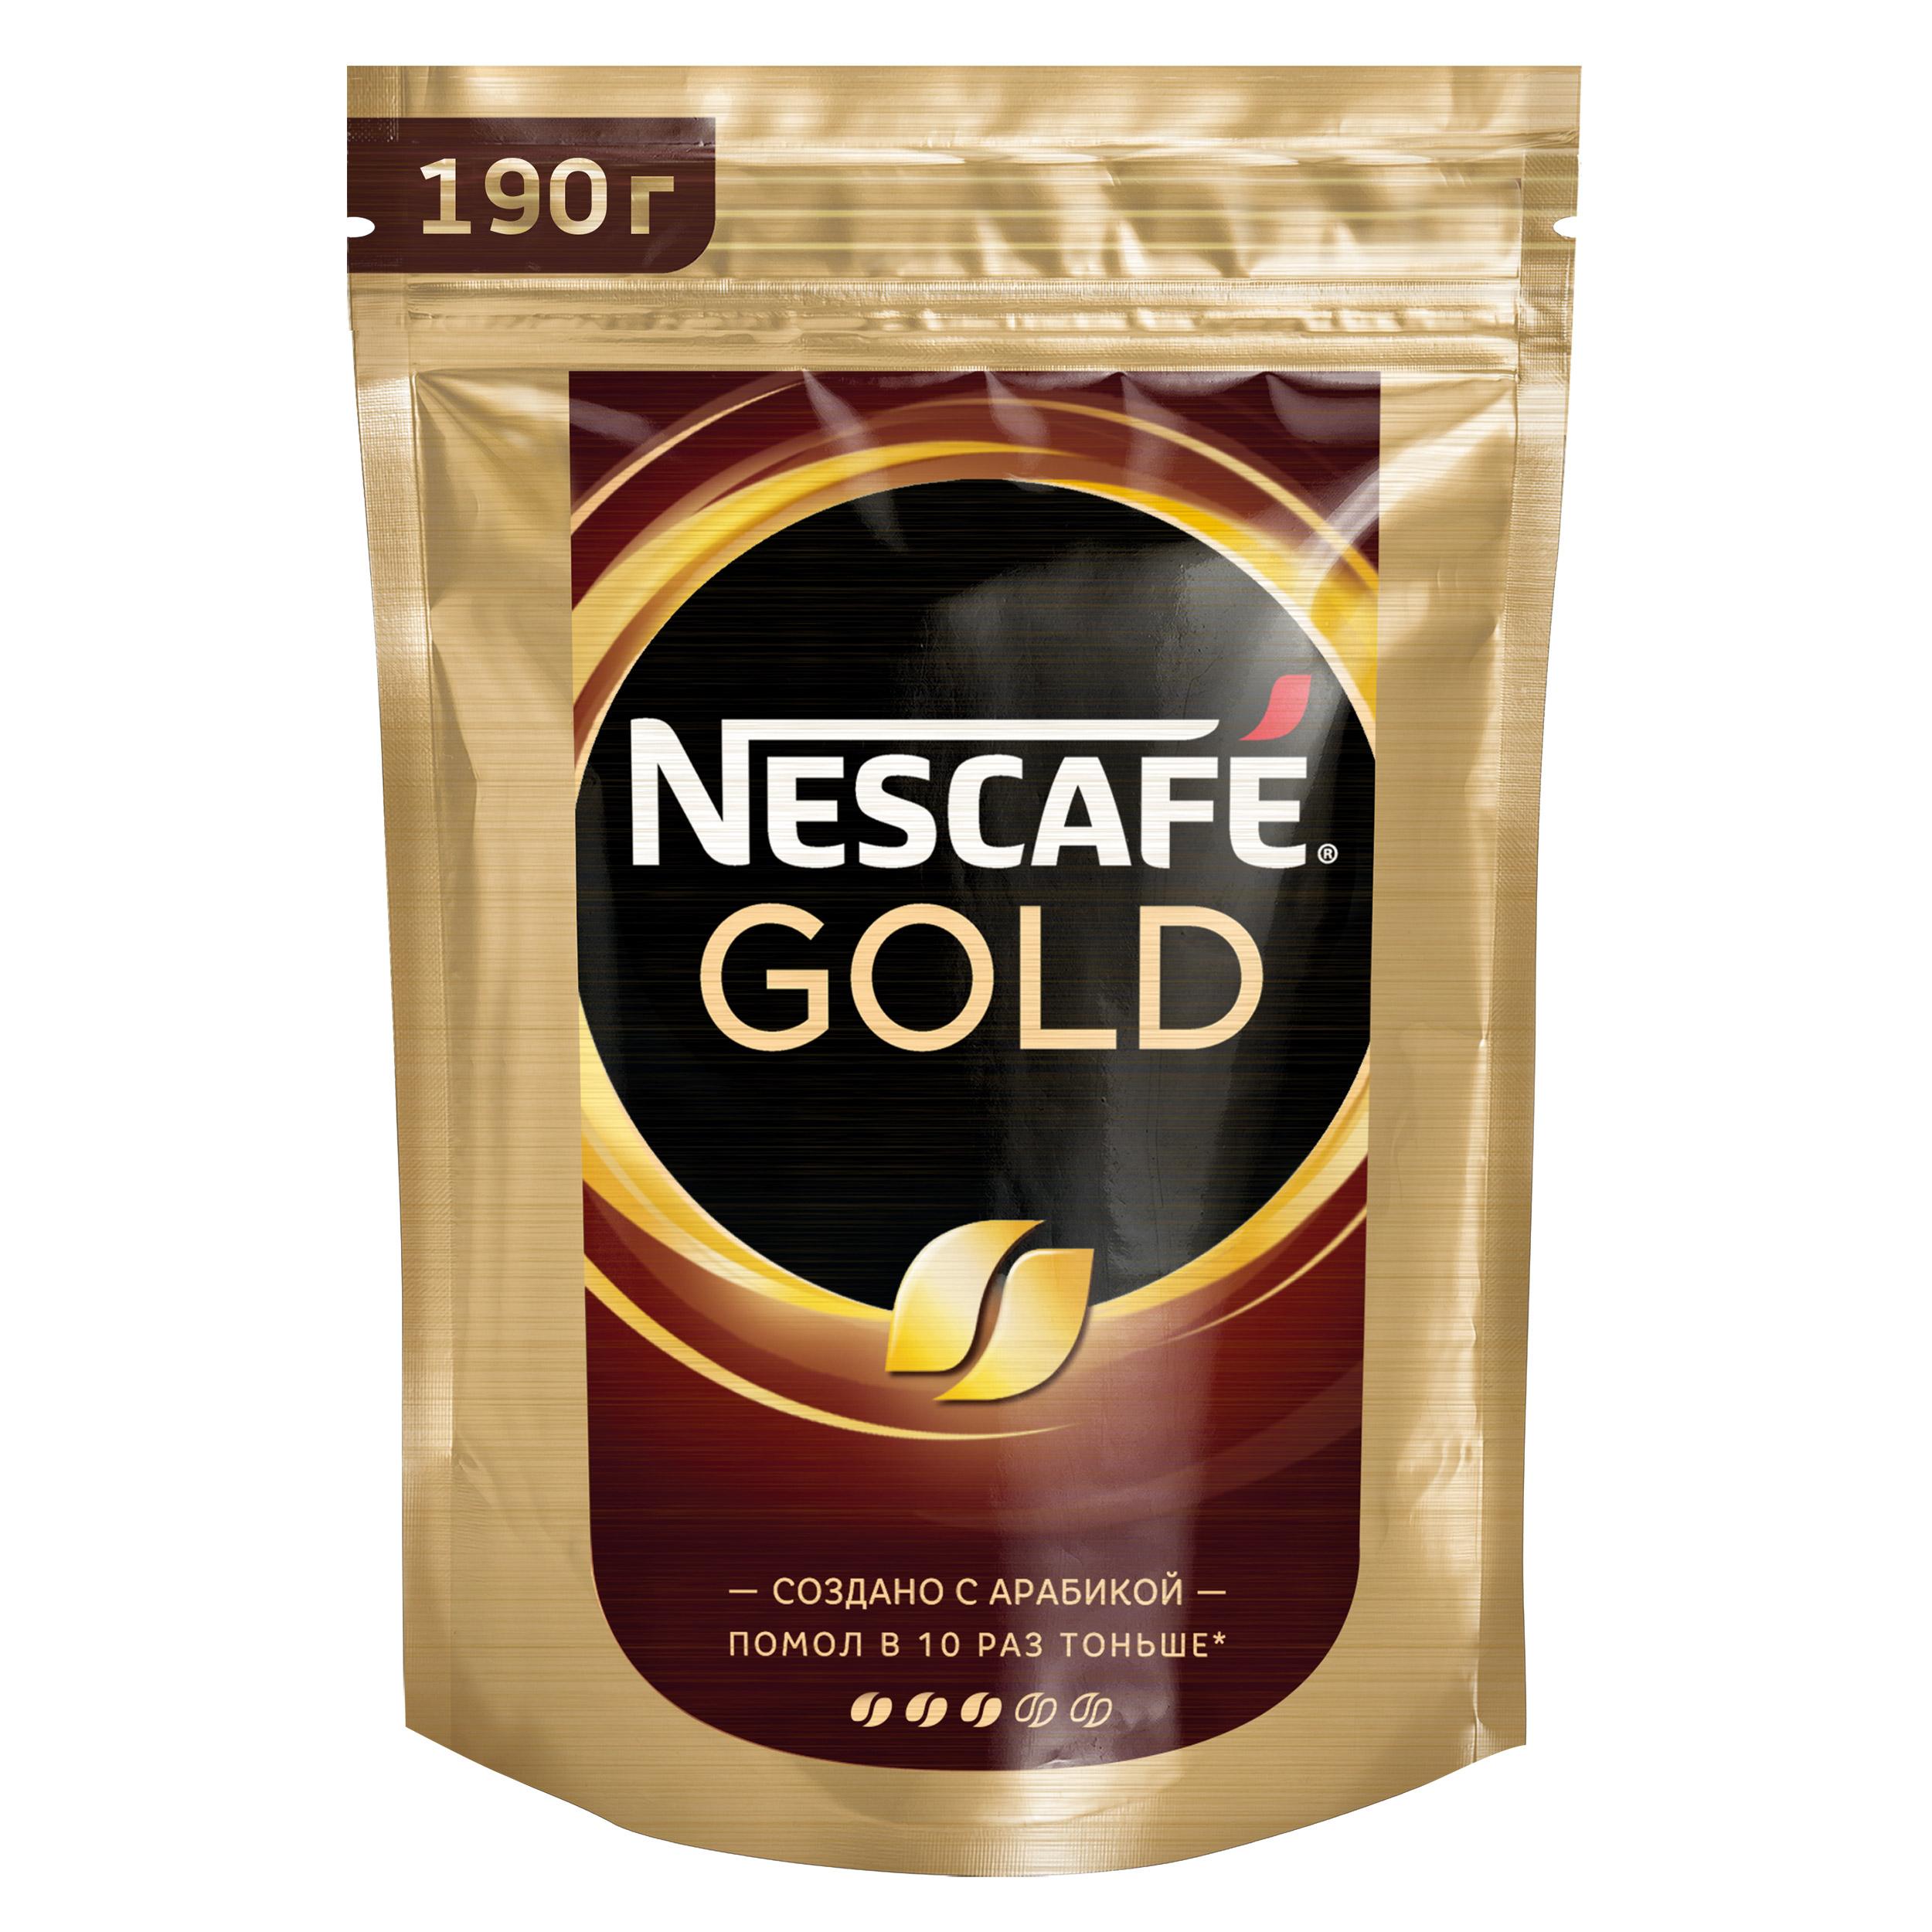 Кофе растворимый Nescafe gold пакет 190 г